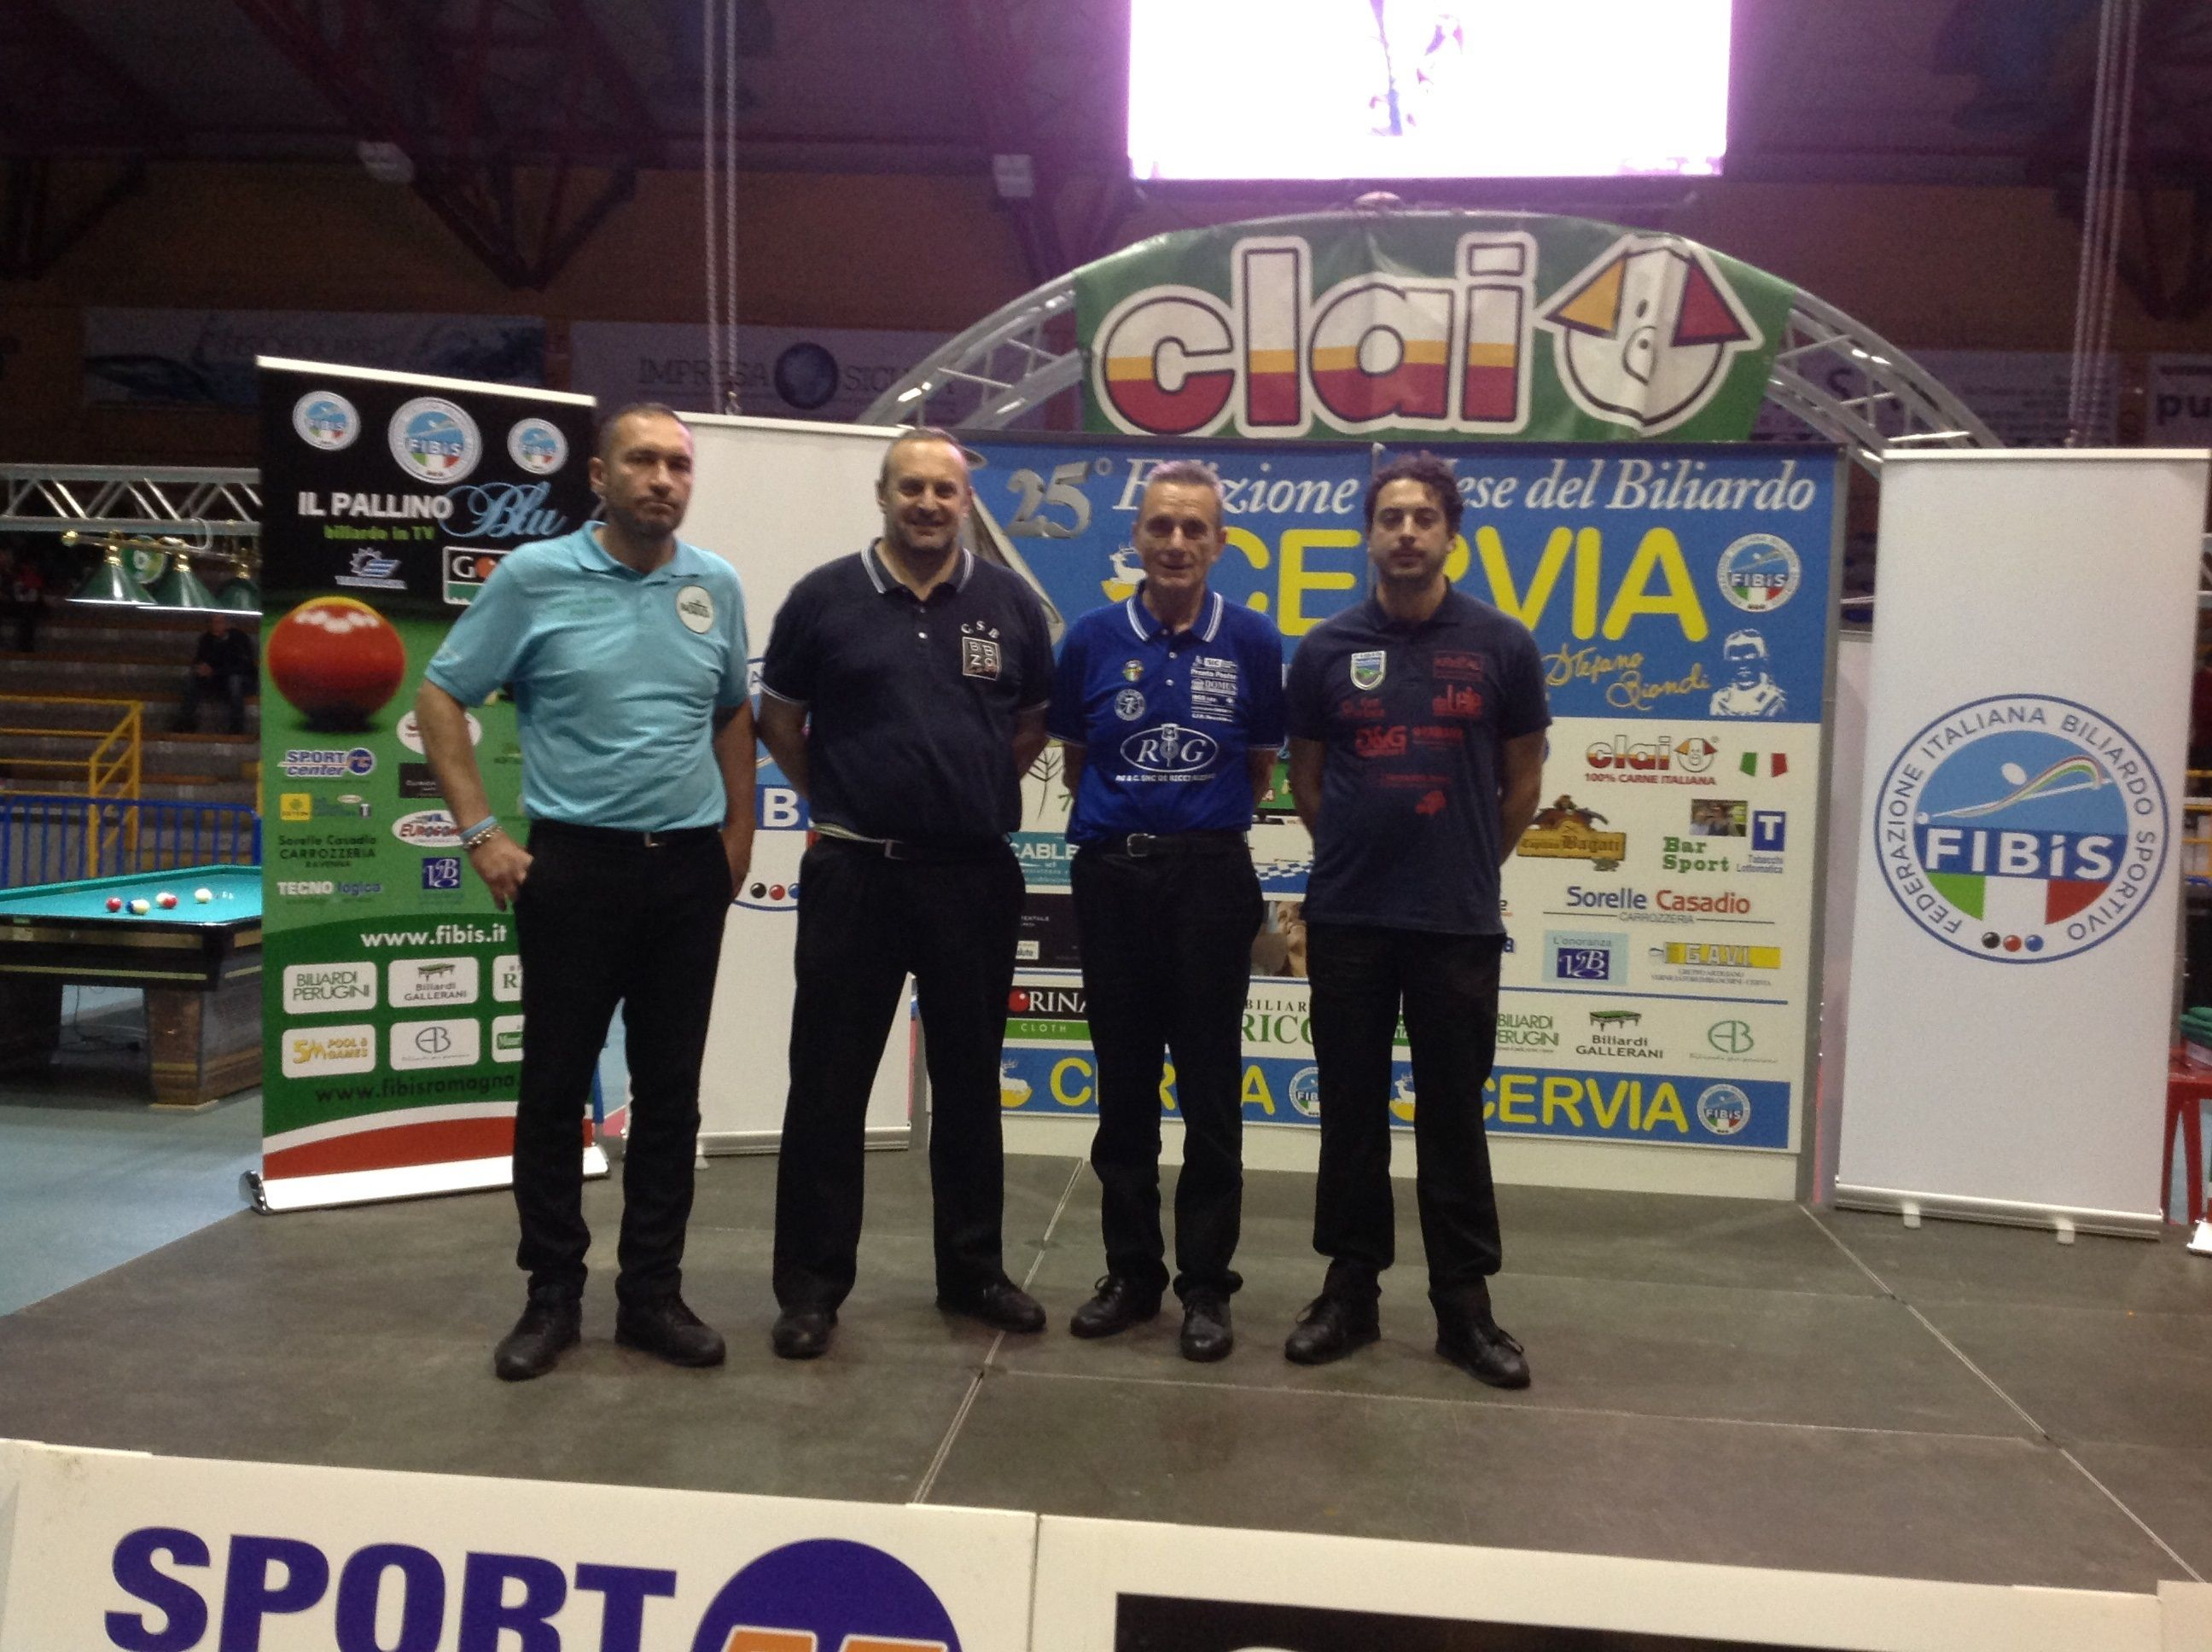 Solo i quattro finalisti italiani di 1° Categoria, Filippo Perugini, Devis Ancarani, Brunaldo Cicognani e Alberto Andruccioli